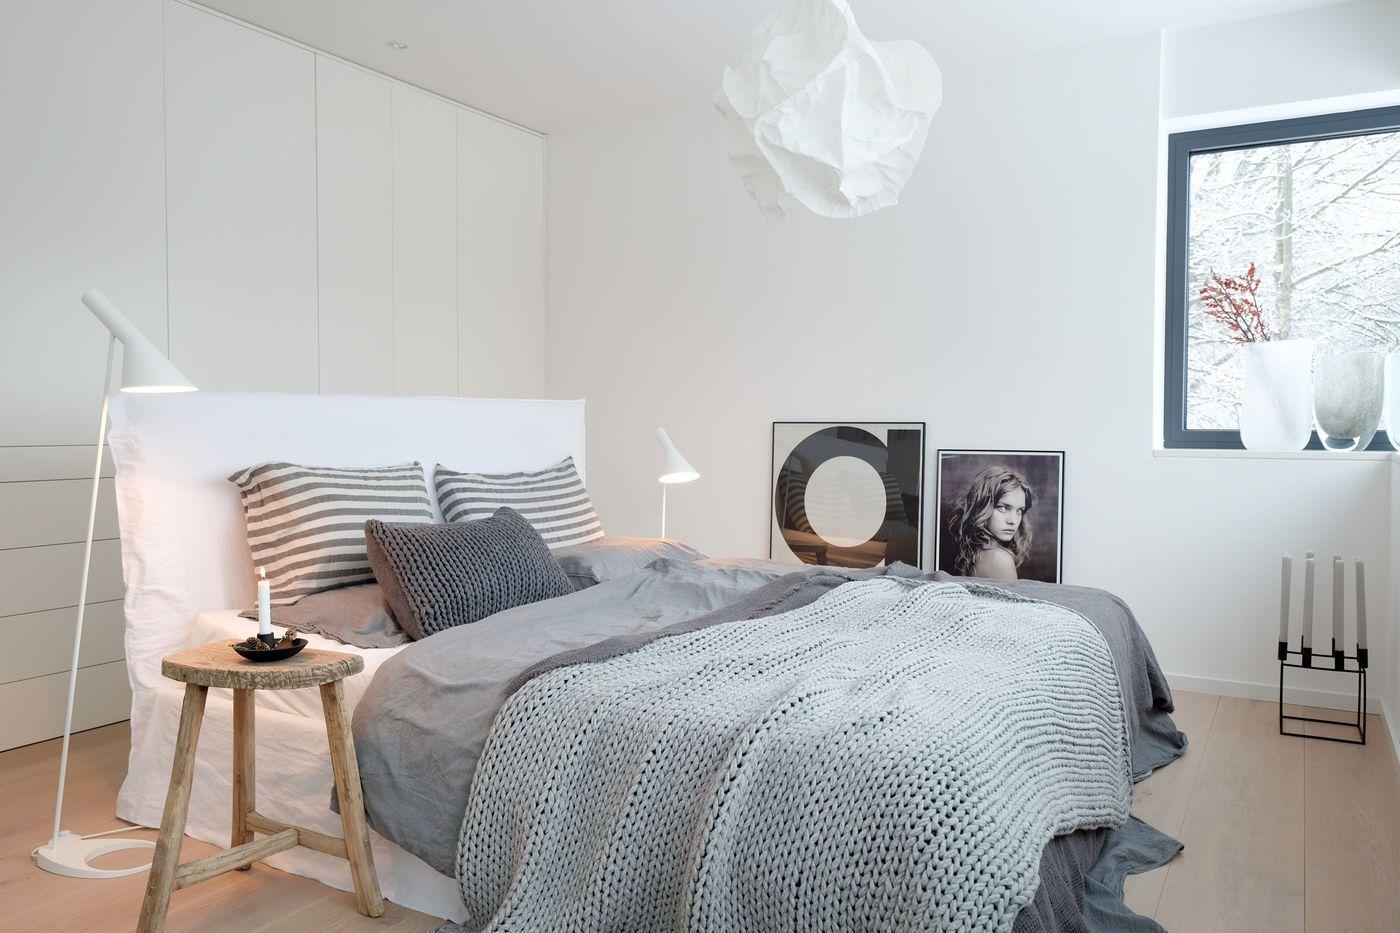 Full Size of überbau Schlafzimmer Modern Skandinavische Komplett Günstig Regal Rauch Deckenleuchte Landhaus Teppich Modernes Bett 180x200 Set Klimagerät Für Romantische Wohnzimmer überbau Schlafzimmer Modern